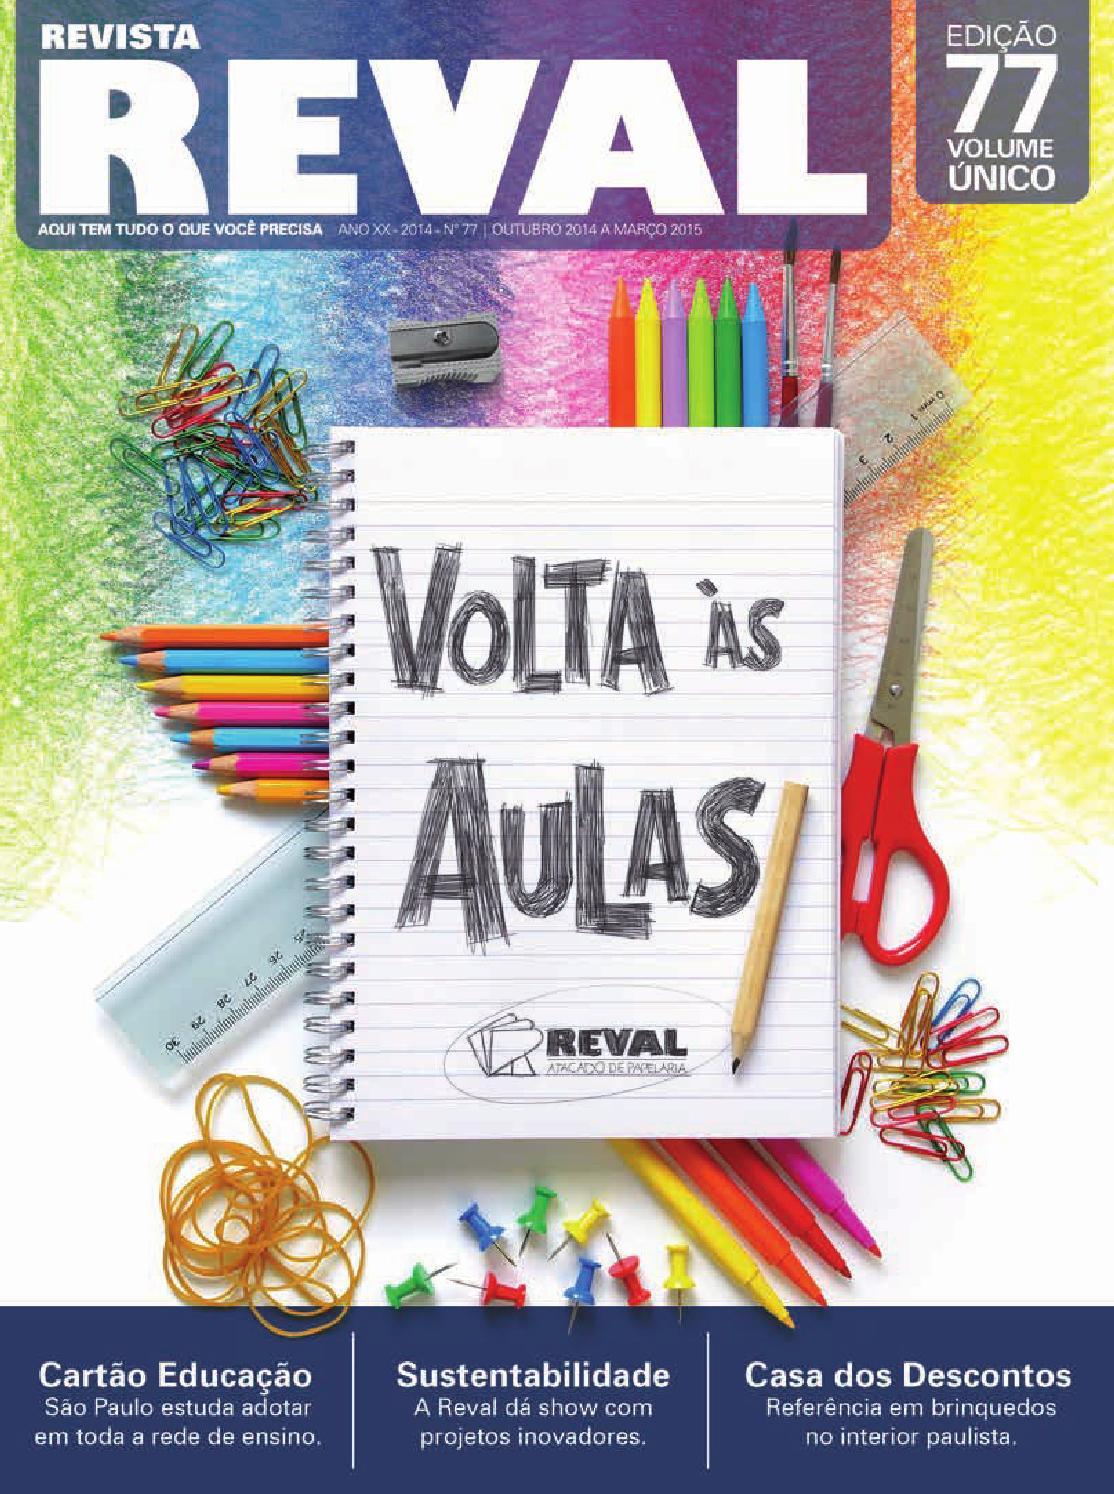 Revista Reval 77 - Parte 02 by Reval Atacado de Papelaria Ltda. - issuu e6aeca75f8